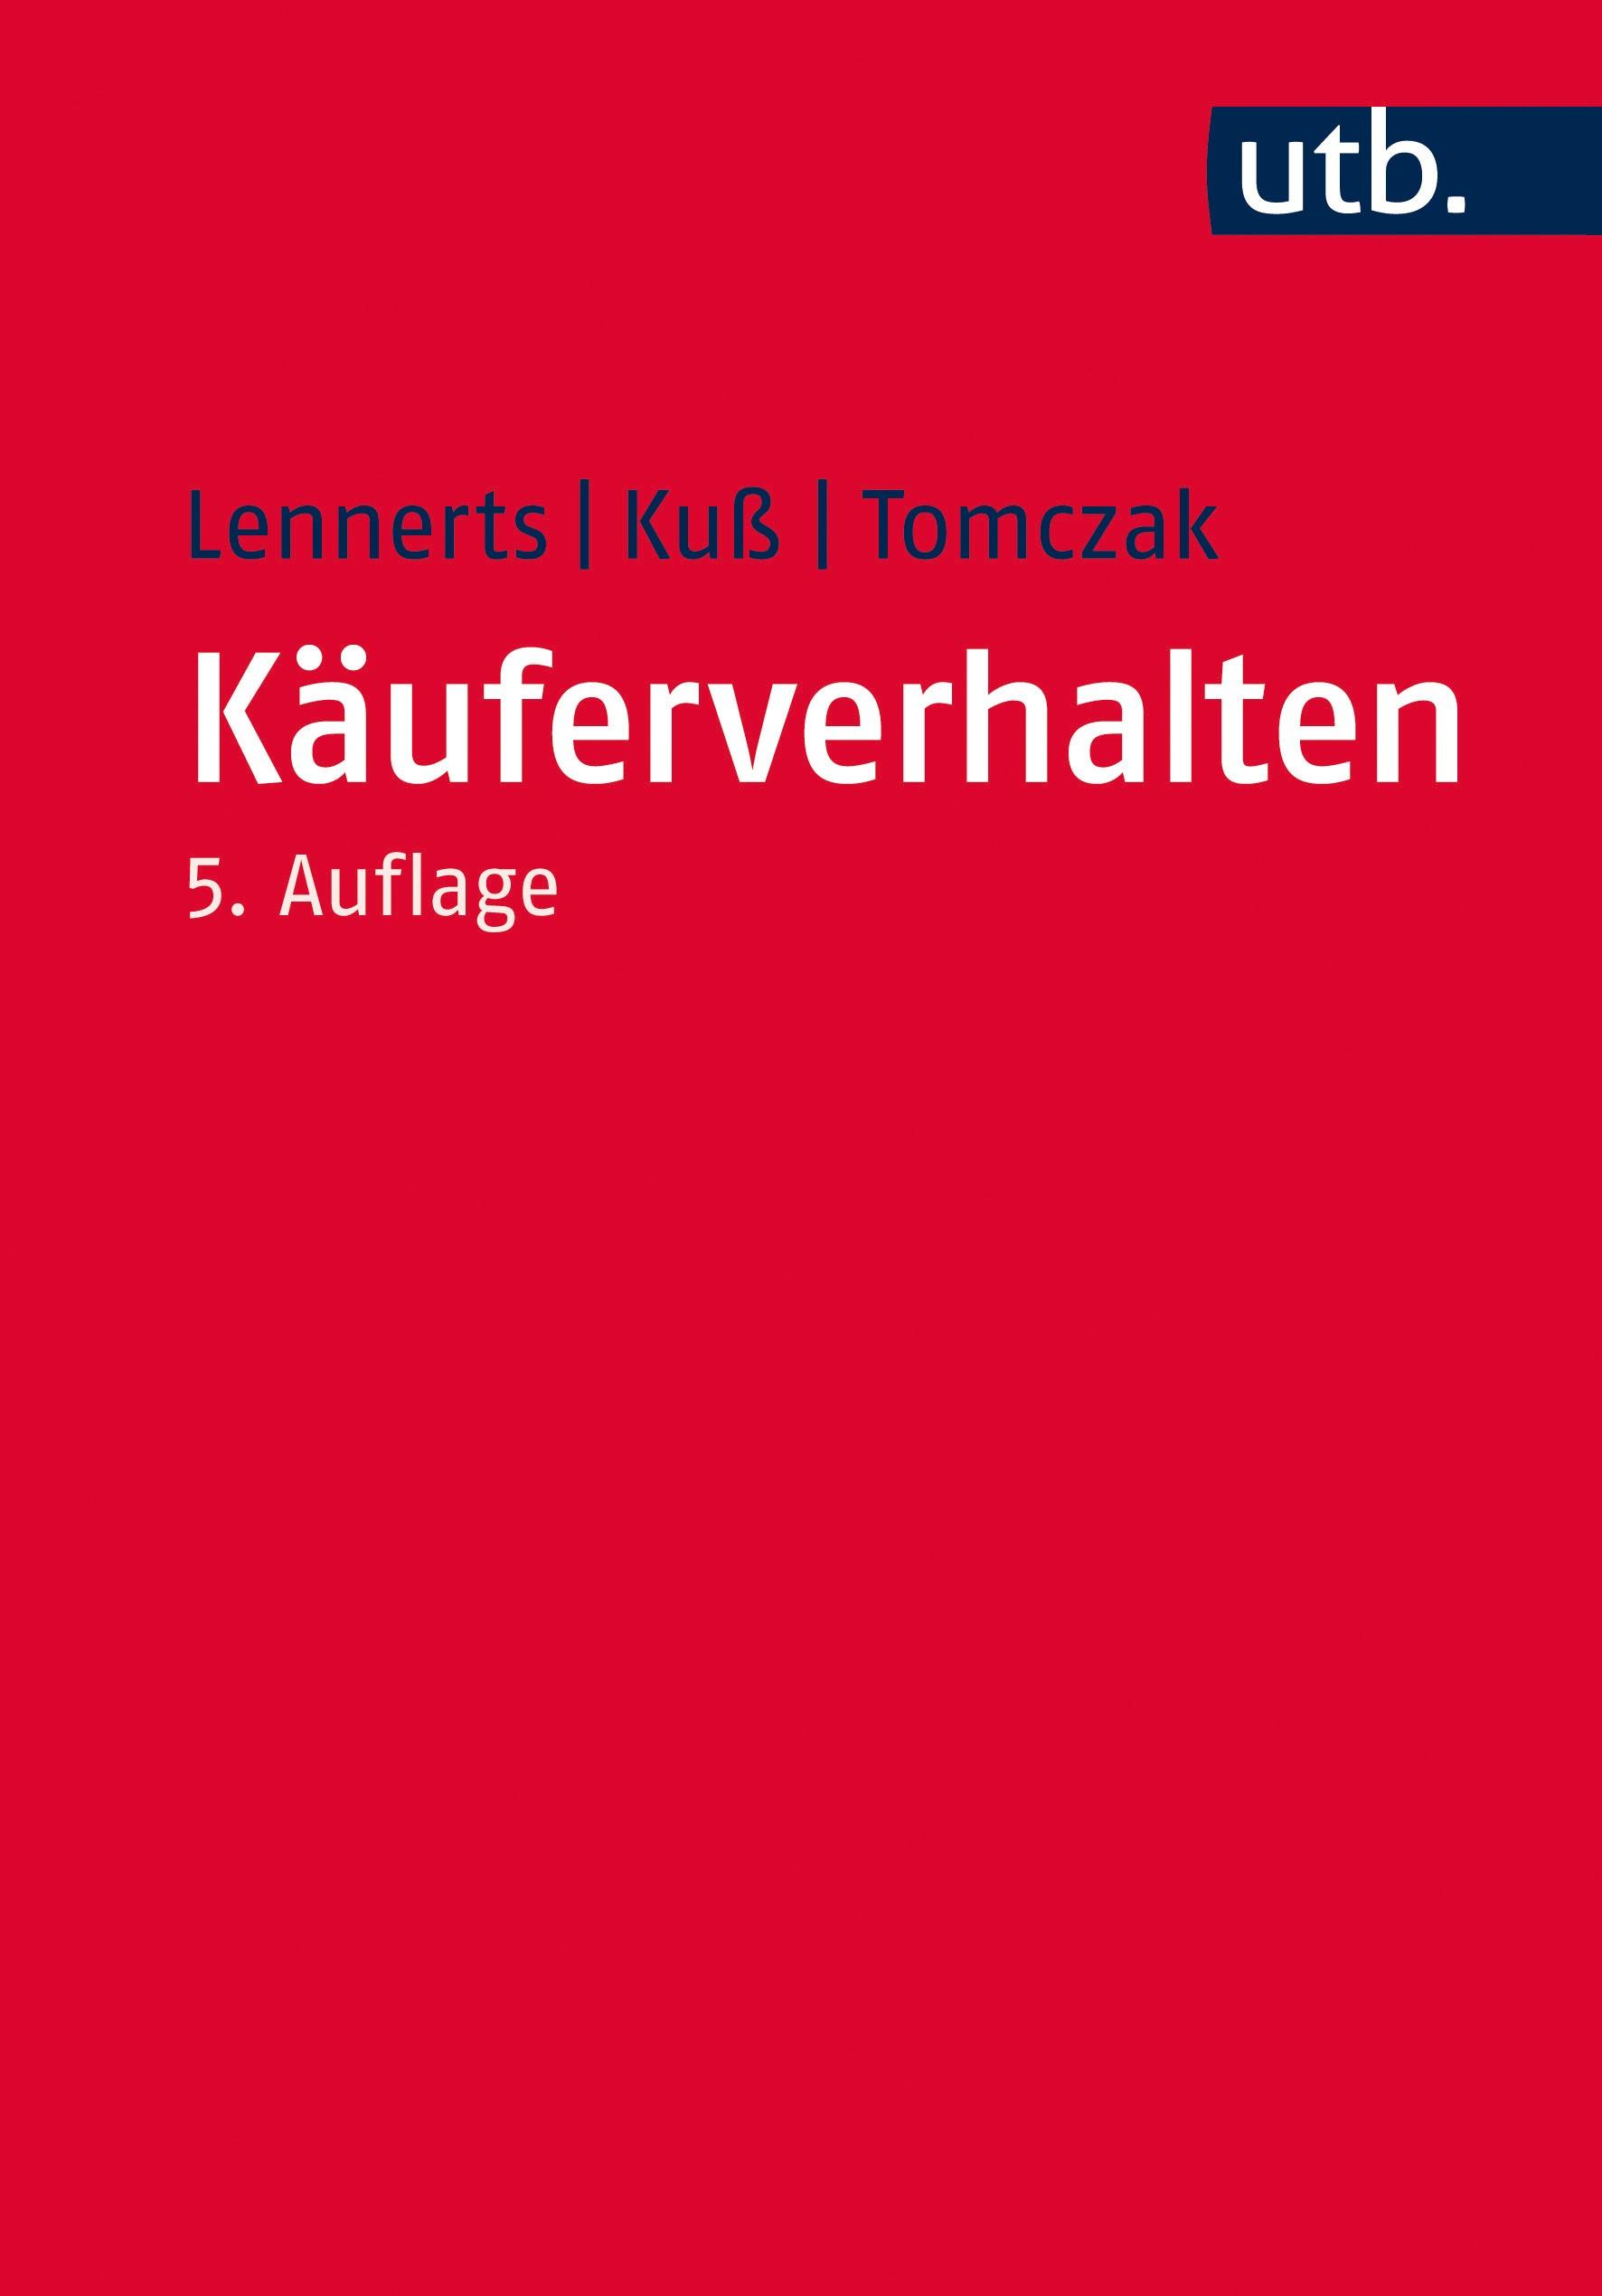 Käuferverhalten | Kuß / Tomczak / Lennerts | 5., komplett überarbeitete Auflage, 2017 | Buch (Cover)